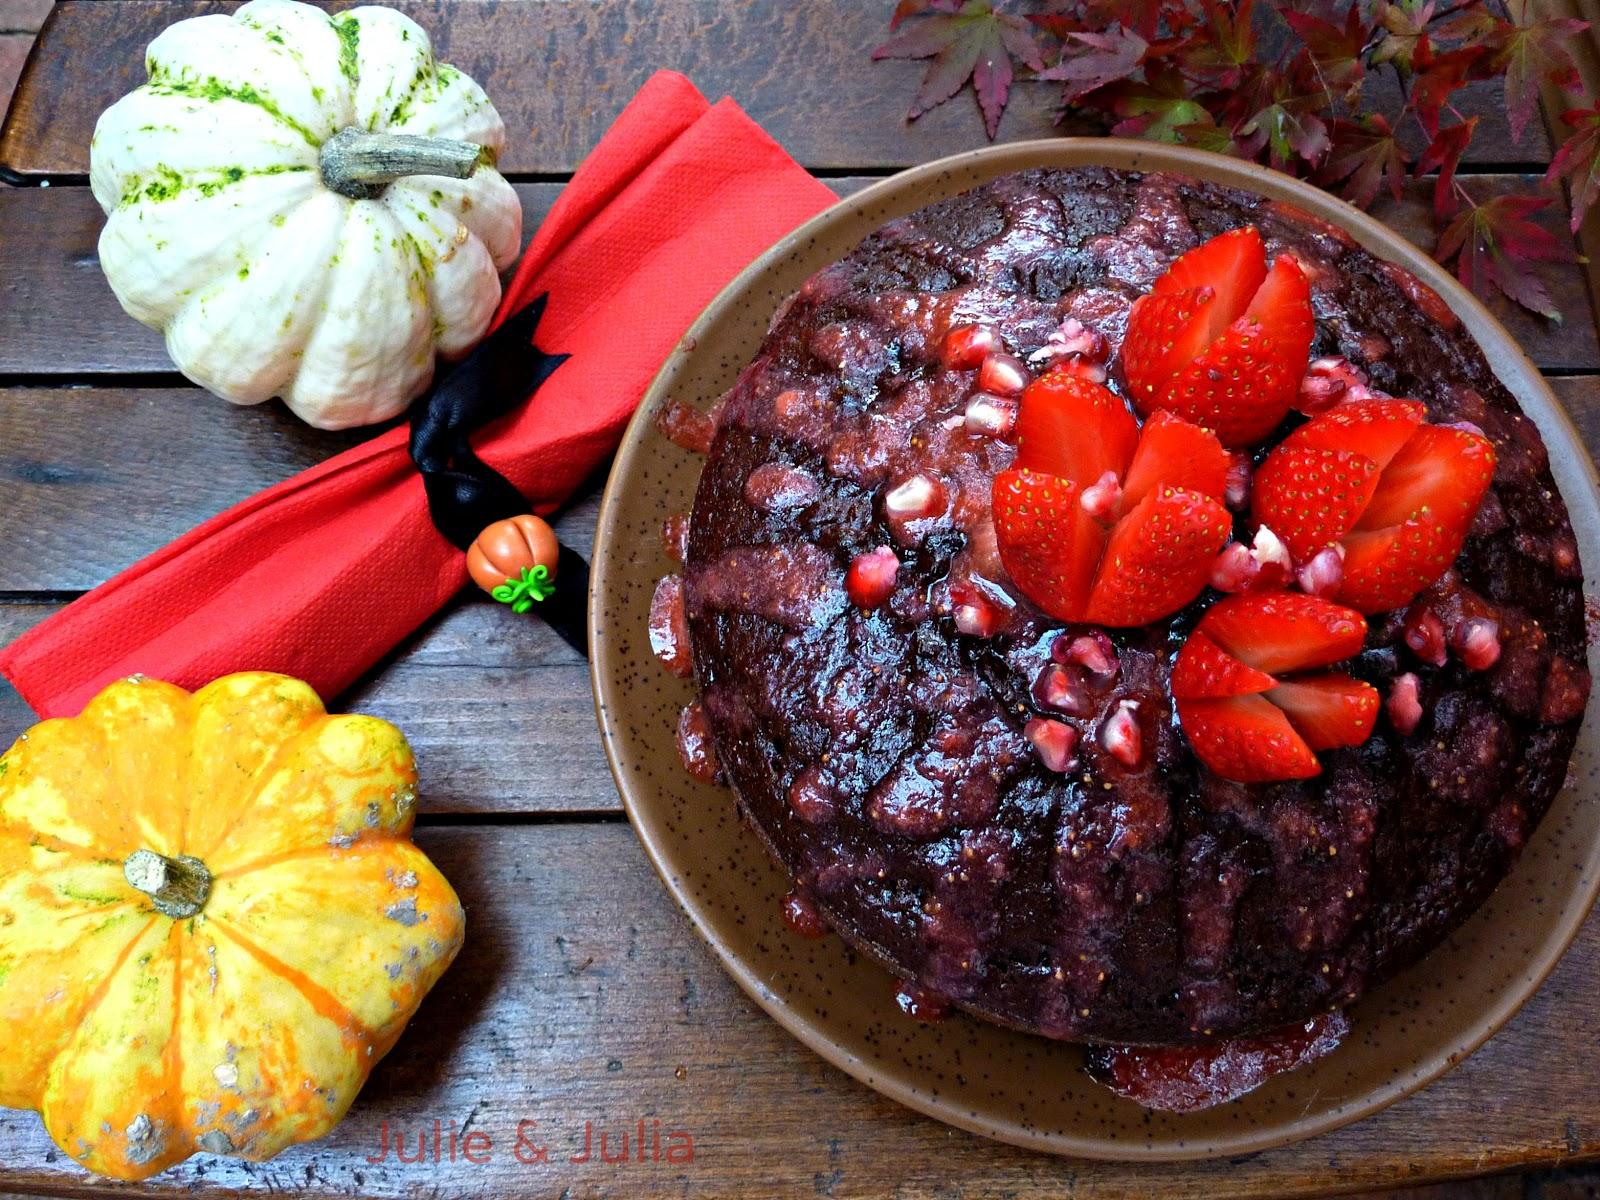 Julie & Julia: esperimenti in cucina: Torta al cioccolato con ...